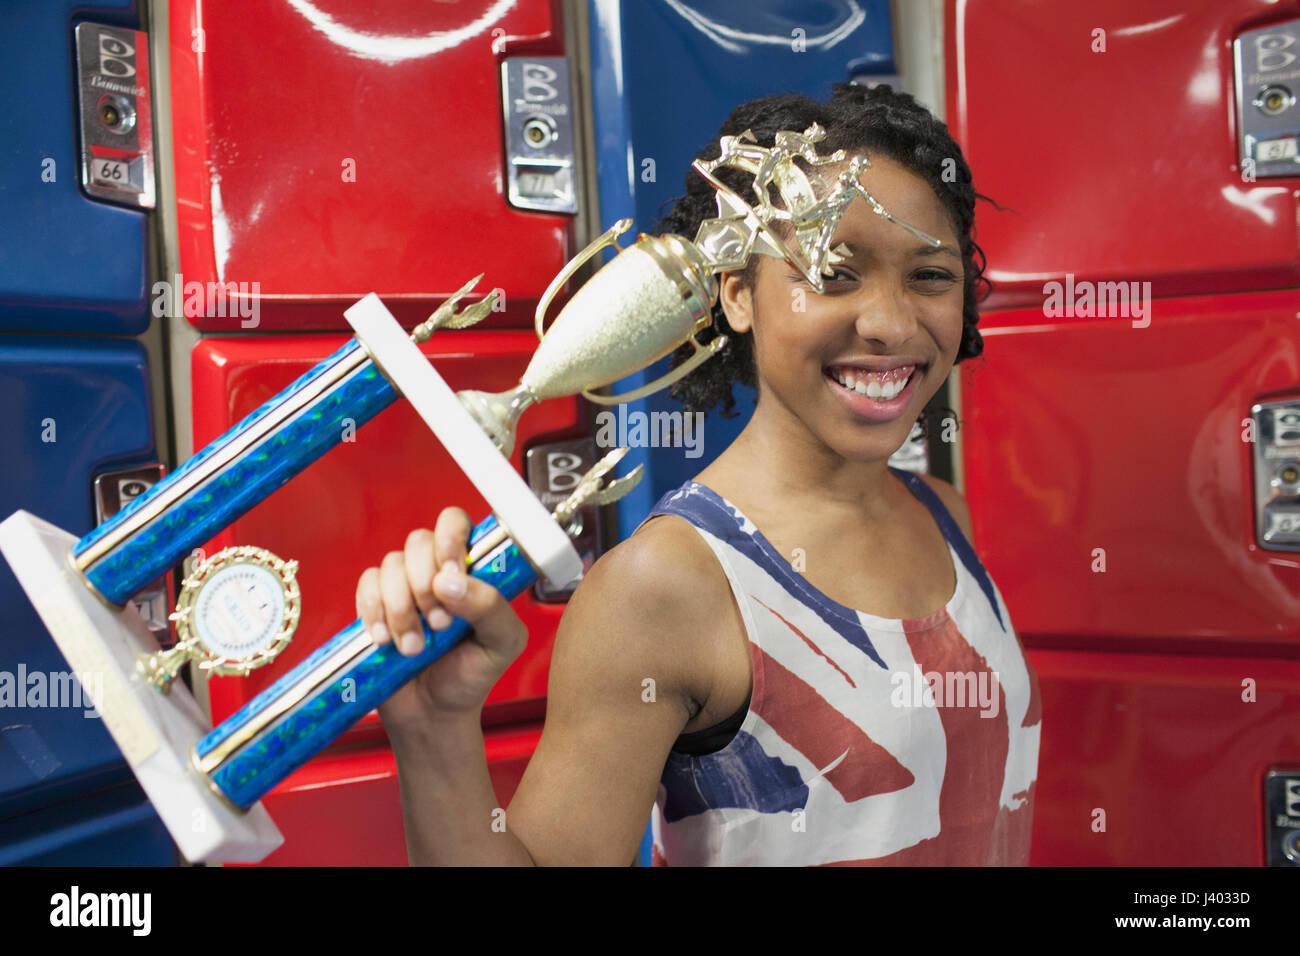 Une jeune femme avec un trophée en avant des casiers rouge et bleu. Photo Stock